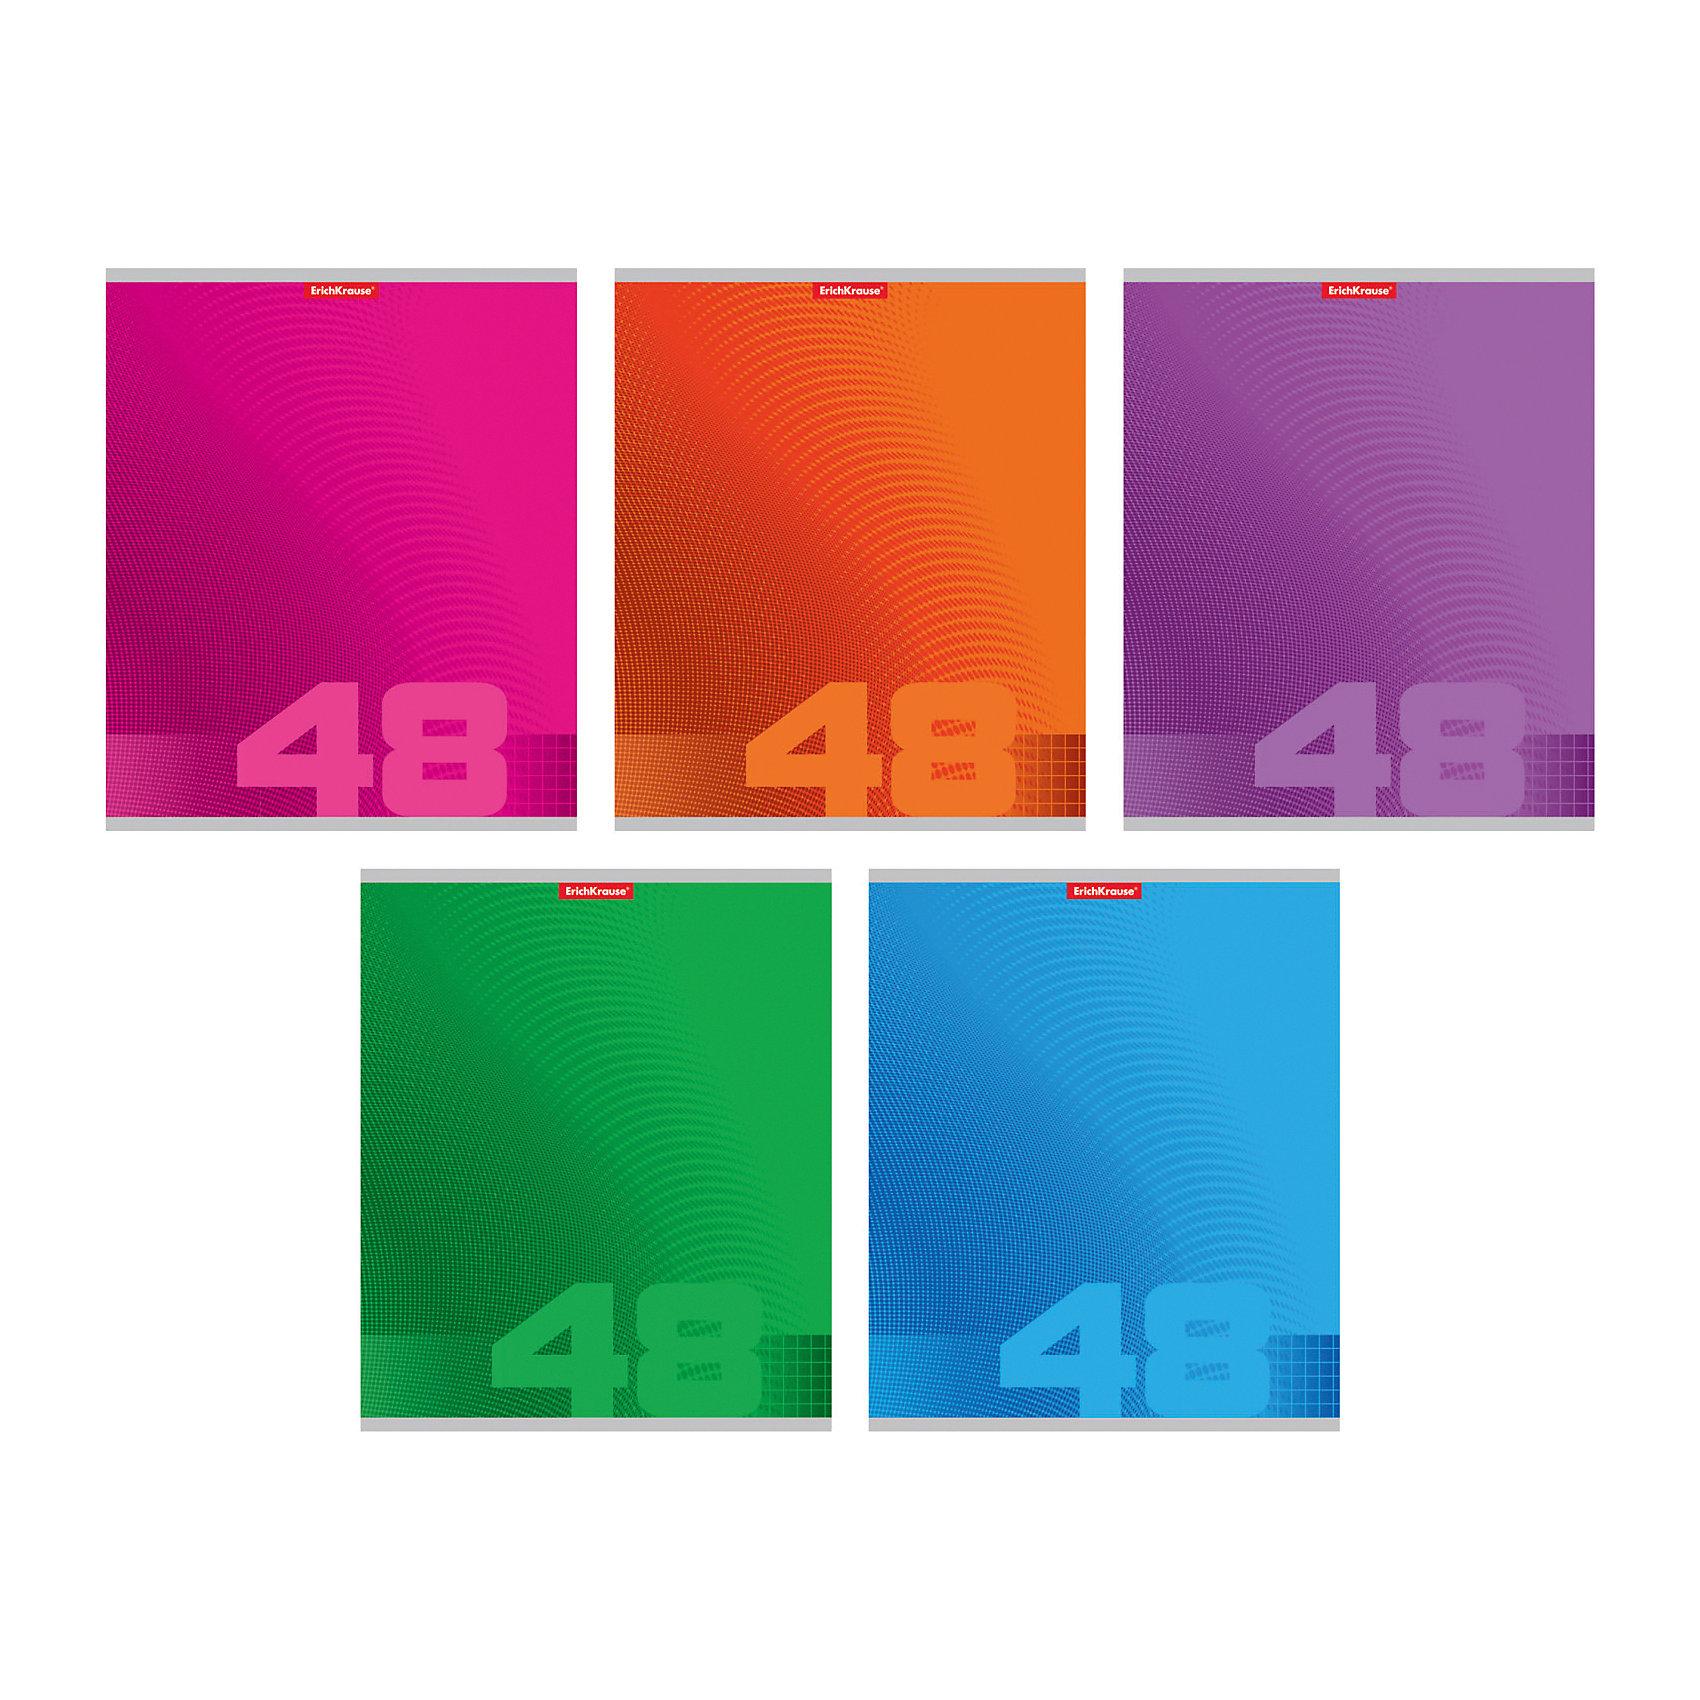 Тетрадь 48 л, упаковка из 5 шт.Бумажная продукция<br>Тетрадь 48 листов, 5 шт.<br><br>Характеристики:<br><br>• Количество: 5 шт.<br>• Формат: А5<br>• Внутренний блок: 48 листов, клетка, офсет<br>• Тип крепления: скрепка<br>• Обложка: мелованный картон<br><br>Комплект тетрадей в клетку «Fusion» выполнен в формате А5. Отличная полиграфия и качественная бумага обеспечат высокое качество письма. Обложка из мелованного картона позволит сохранять тетрадь в аккуратном виде в течение всего периода использования.<br><br>Тетрадь 48 листов, 5 шт. можно купить в нашем интернет-магазине.<br><br>Ширина мм: 170<br>Глубина мм: 50<br>Высота мм: 205<br>Вес г: 521<br>Возраст от месяцев: 60<br>Возраст до месяцев: 204<br>Пол: Унисекс<br>Возраст: Детский<br>SKU: 5540105